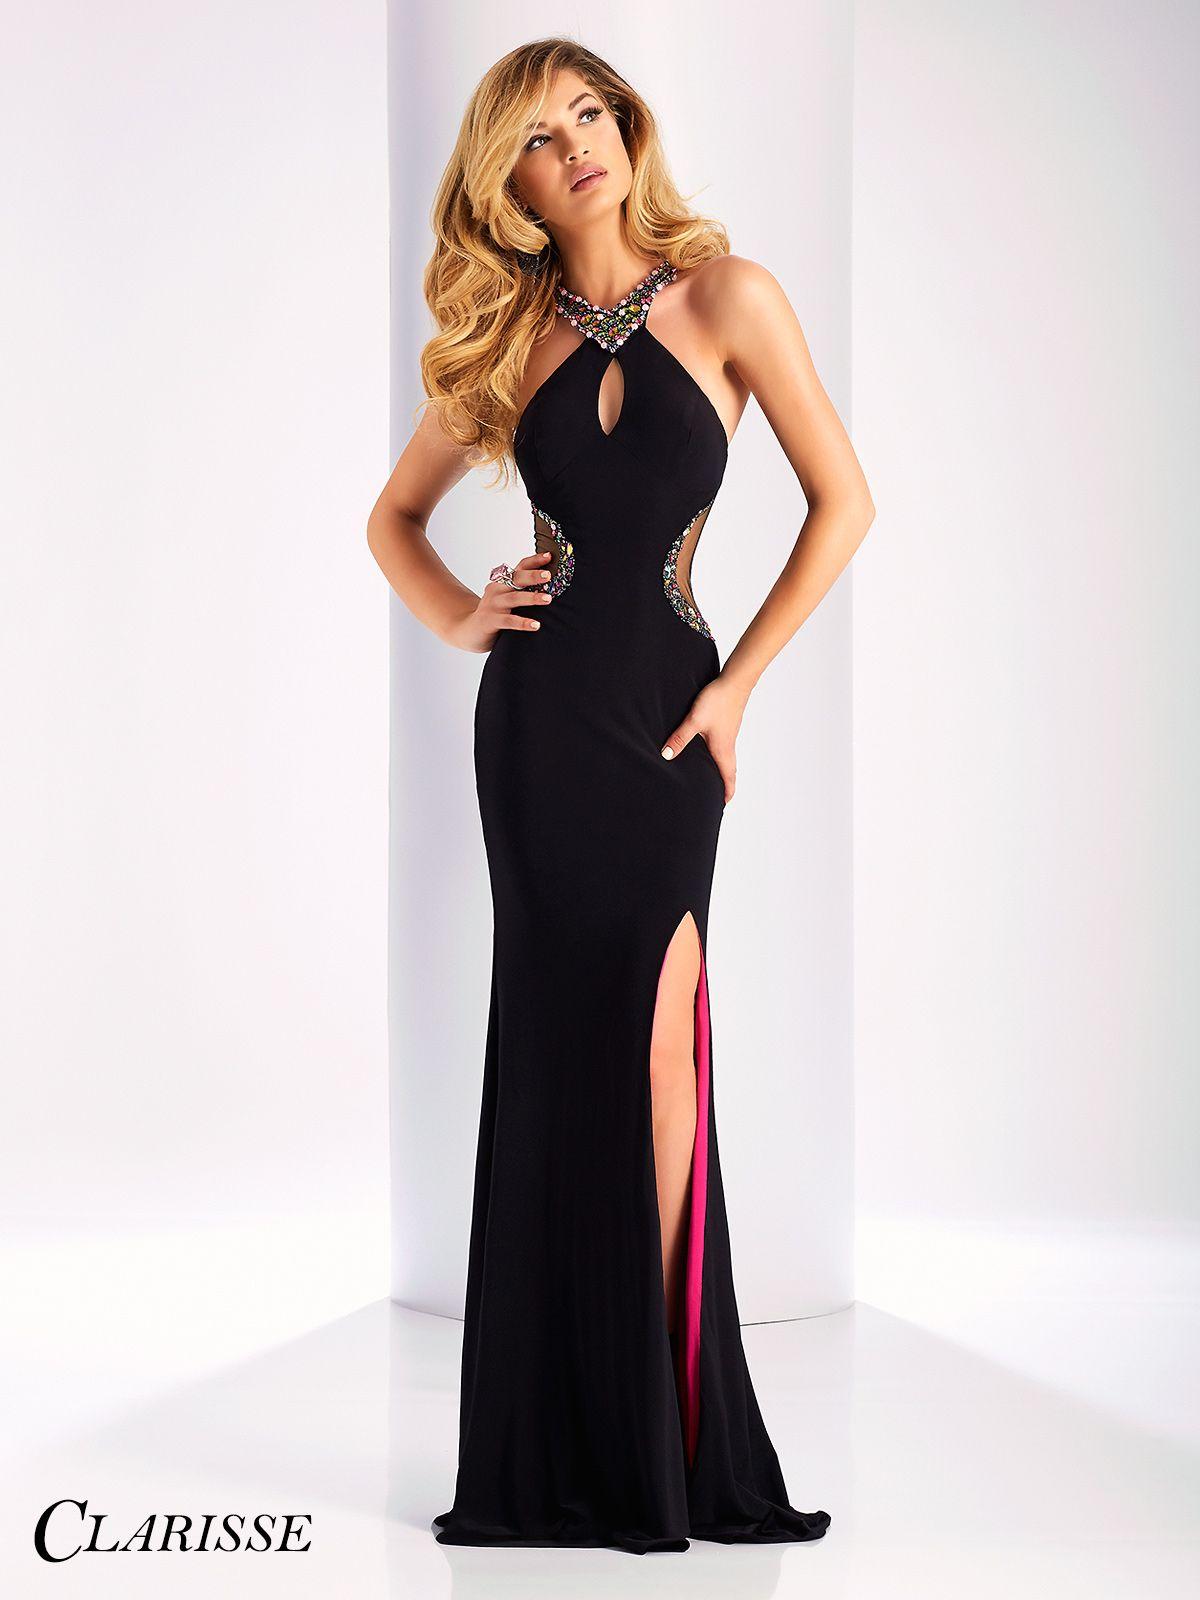 Clarisse Black and Fuchsia Prom Dress 3178 | Damen mode, Schonen und ...